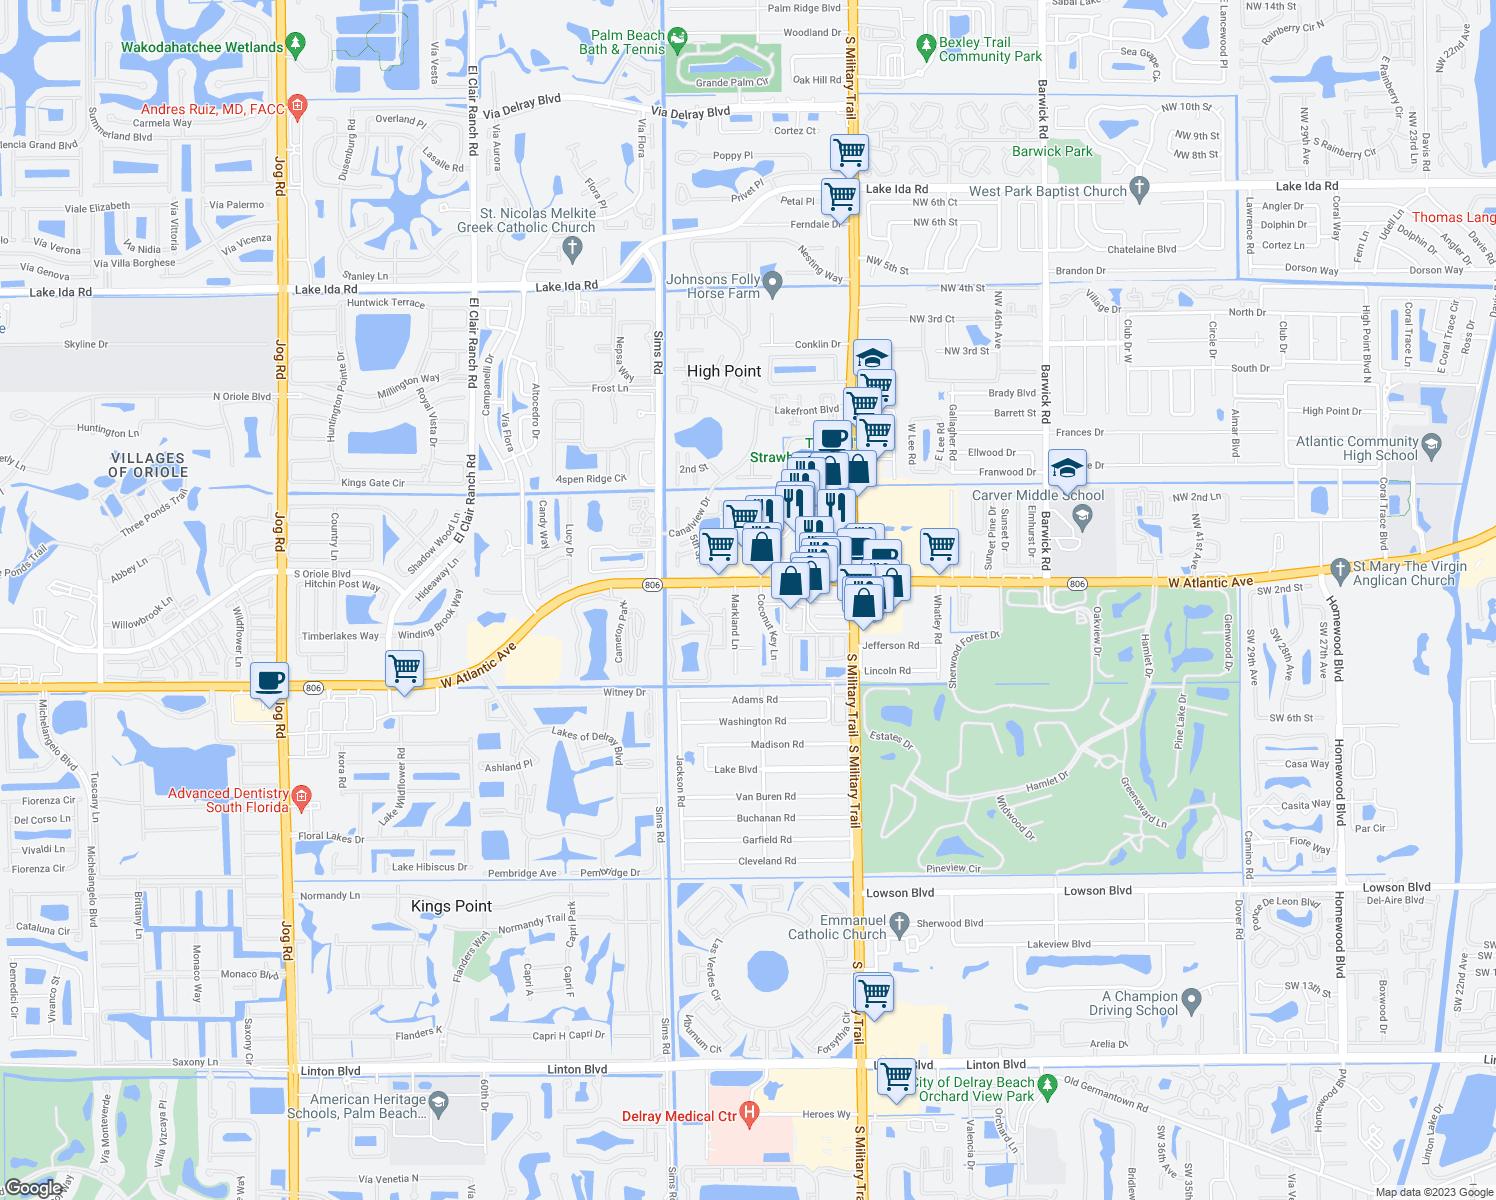 5300 West Atlantic Avenue Delray Beach FL  Walk Score